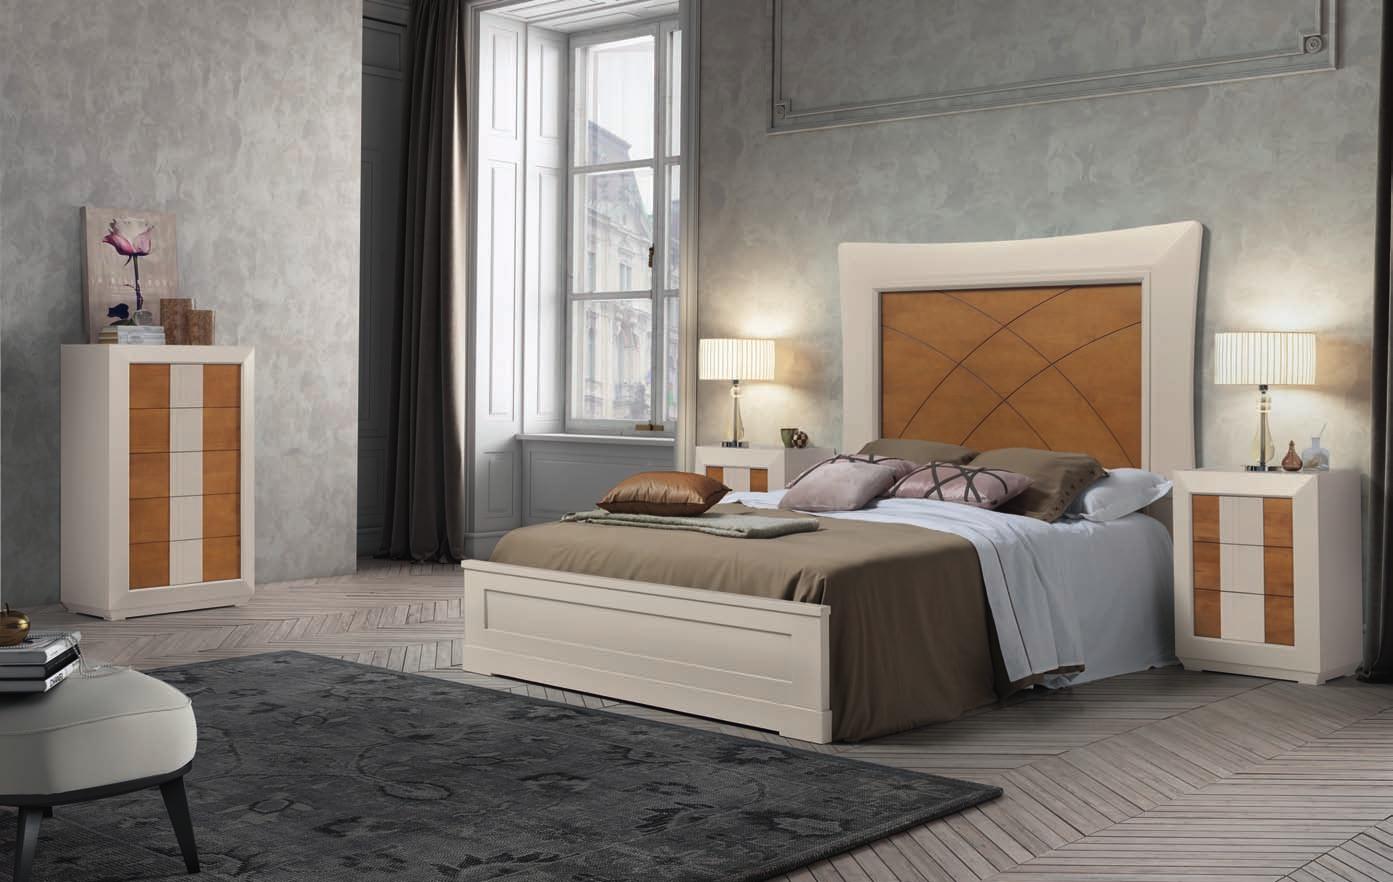 Dormitorio matrimonio completo gris perla y nuez muebles for Dormitorio completo